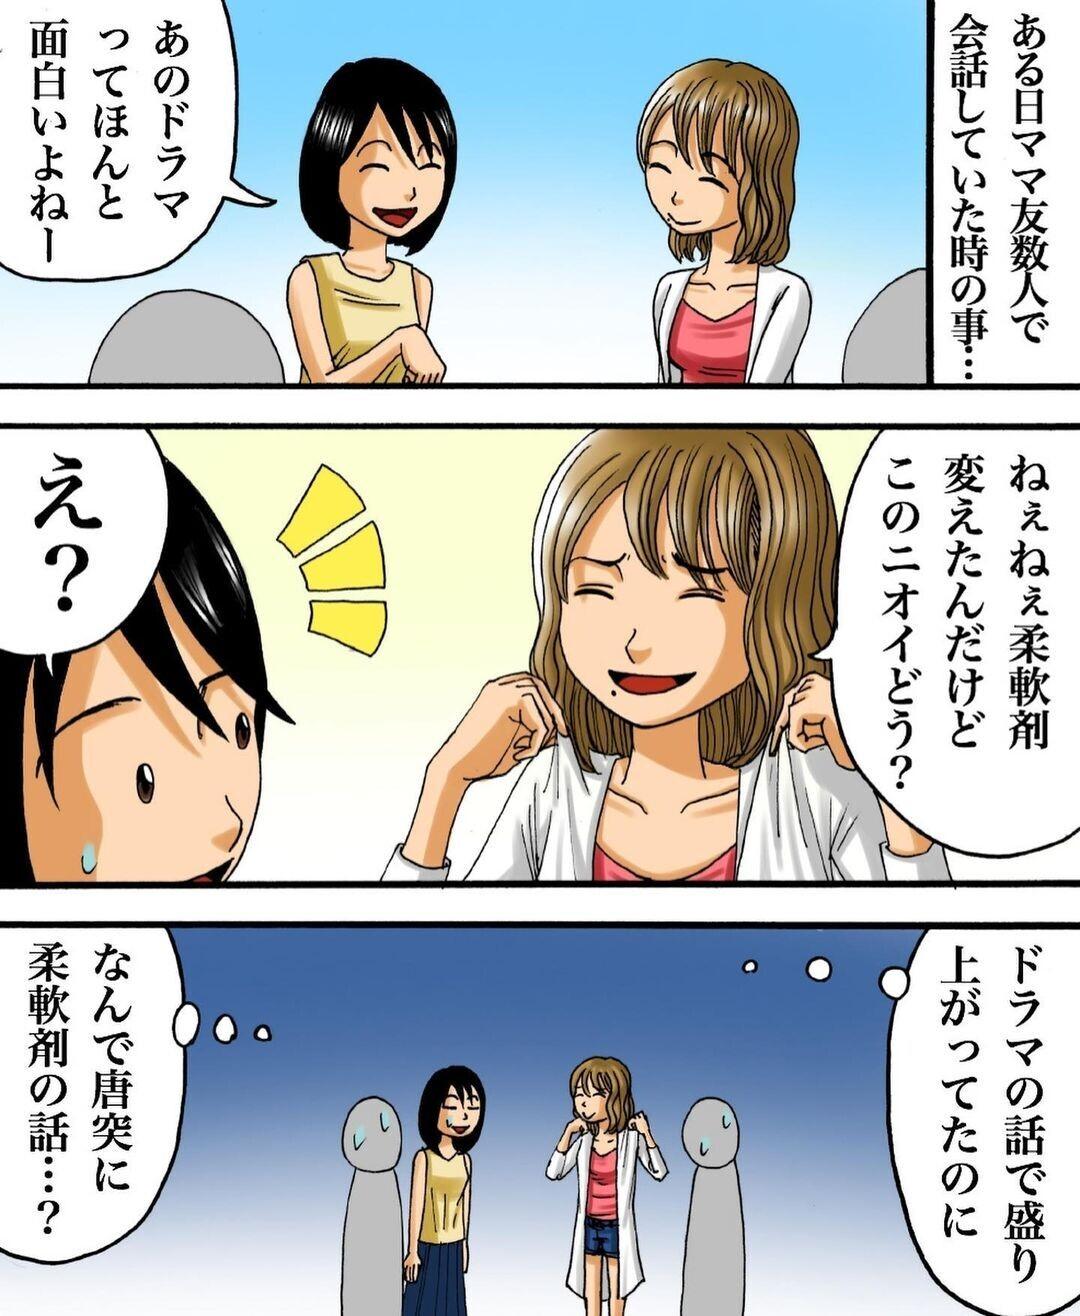 ただの偶然? 意気投合したママ友への違和感【ヤバイママ友の話 Vol.1】